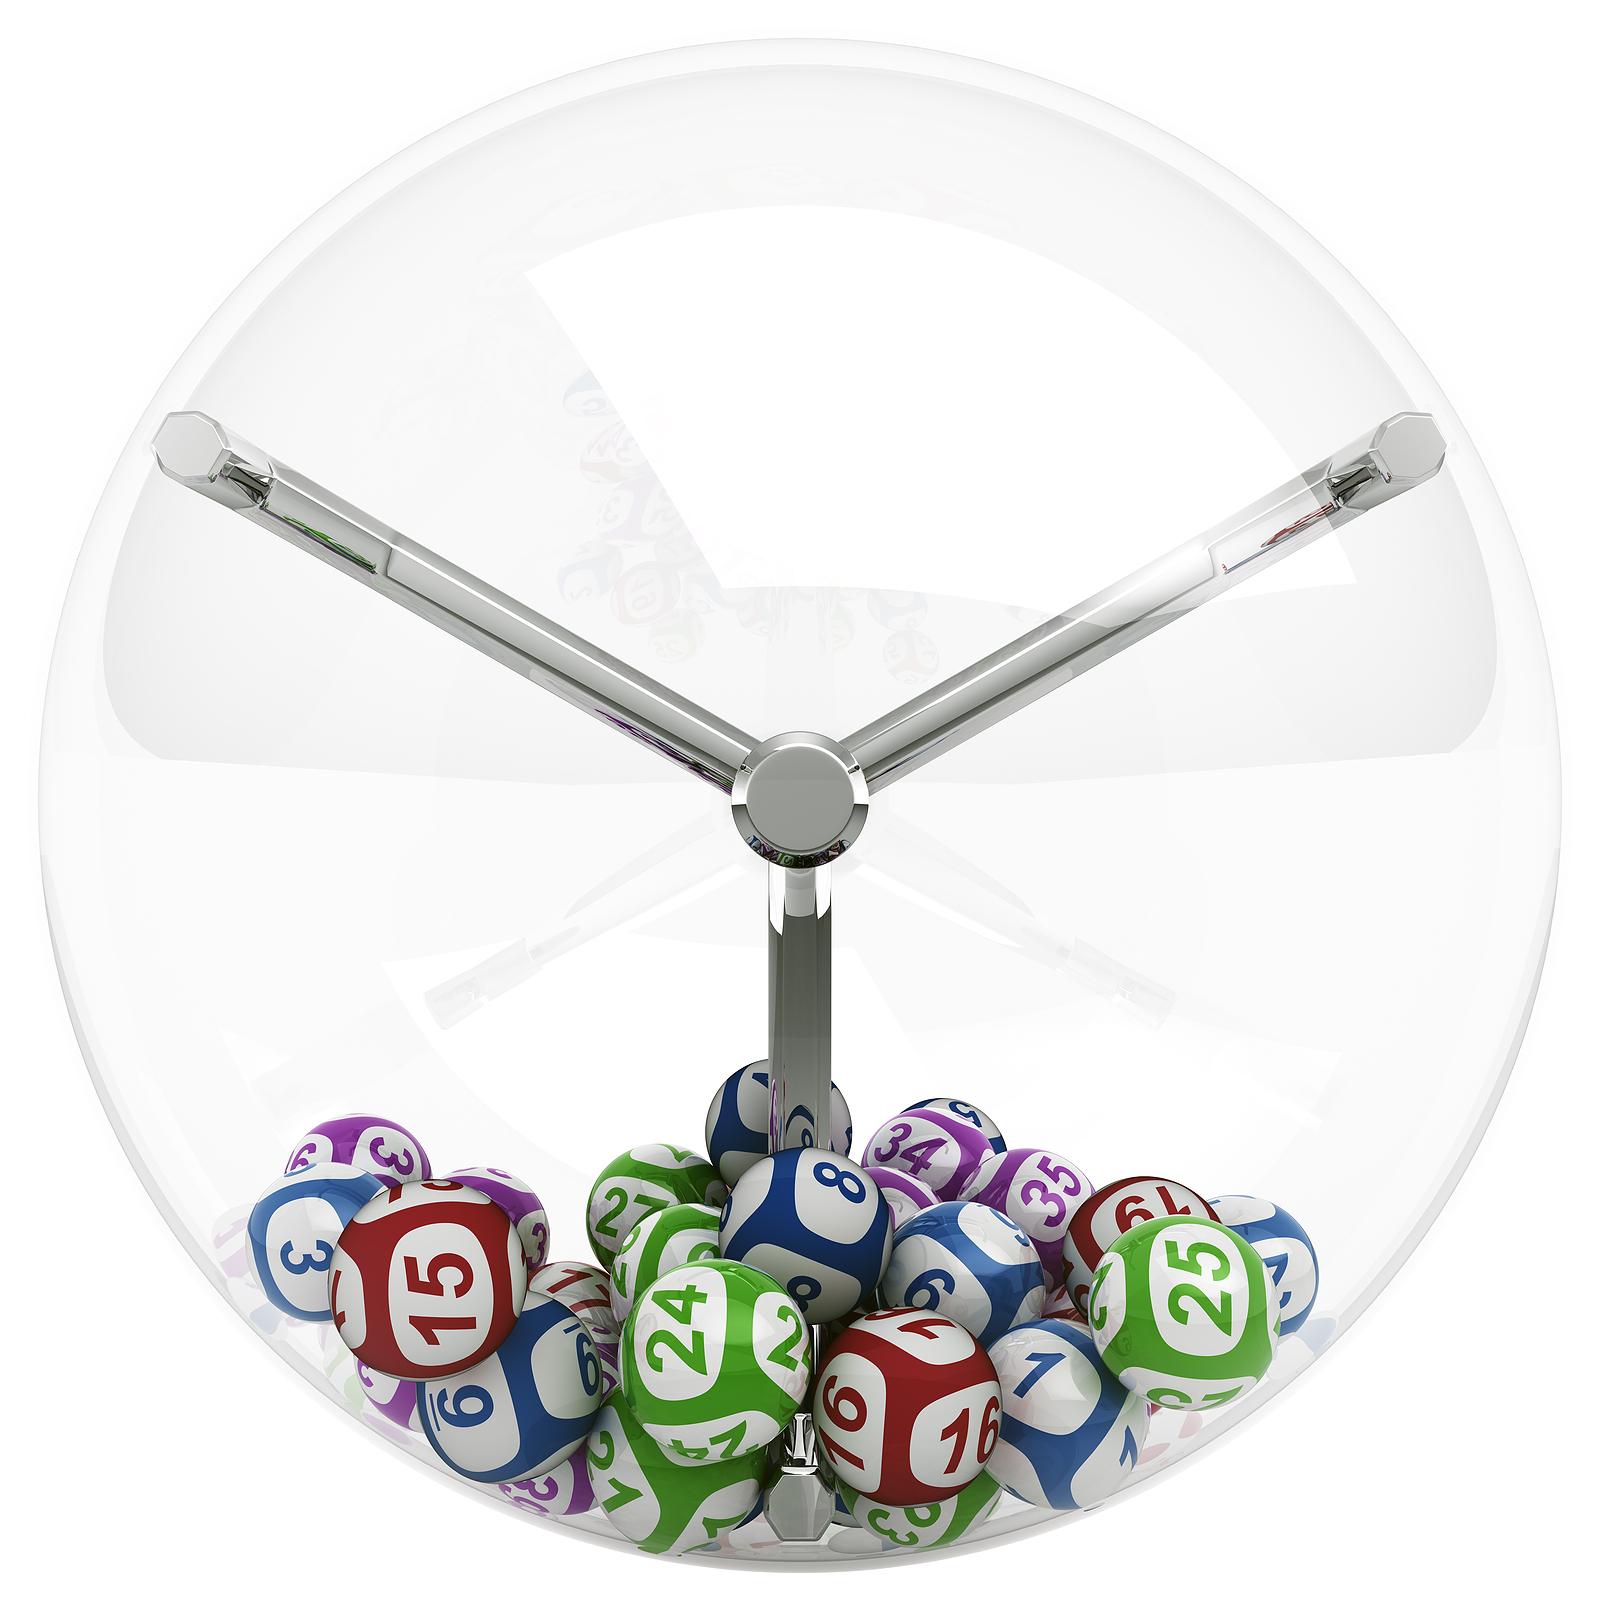 lottosnurra Spela på lotto